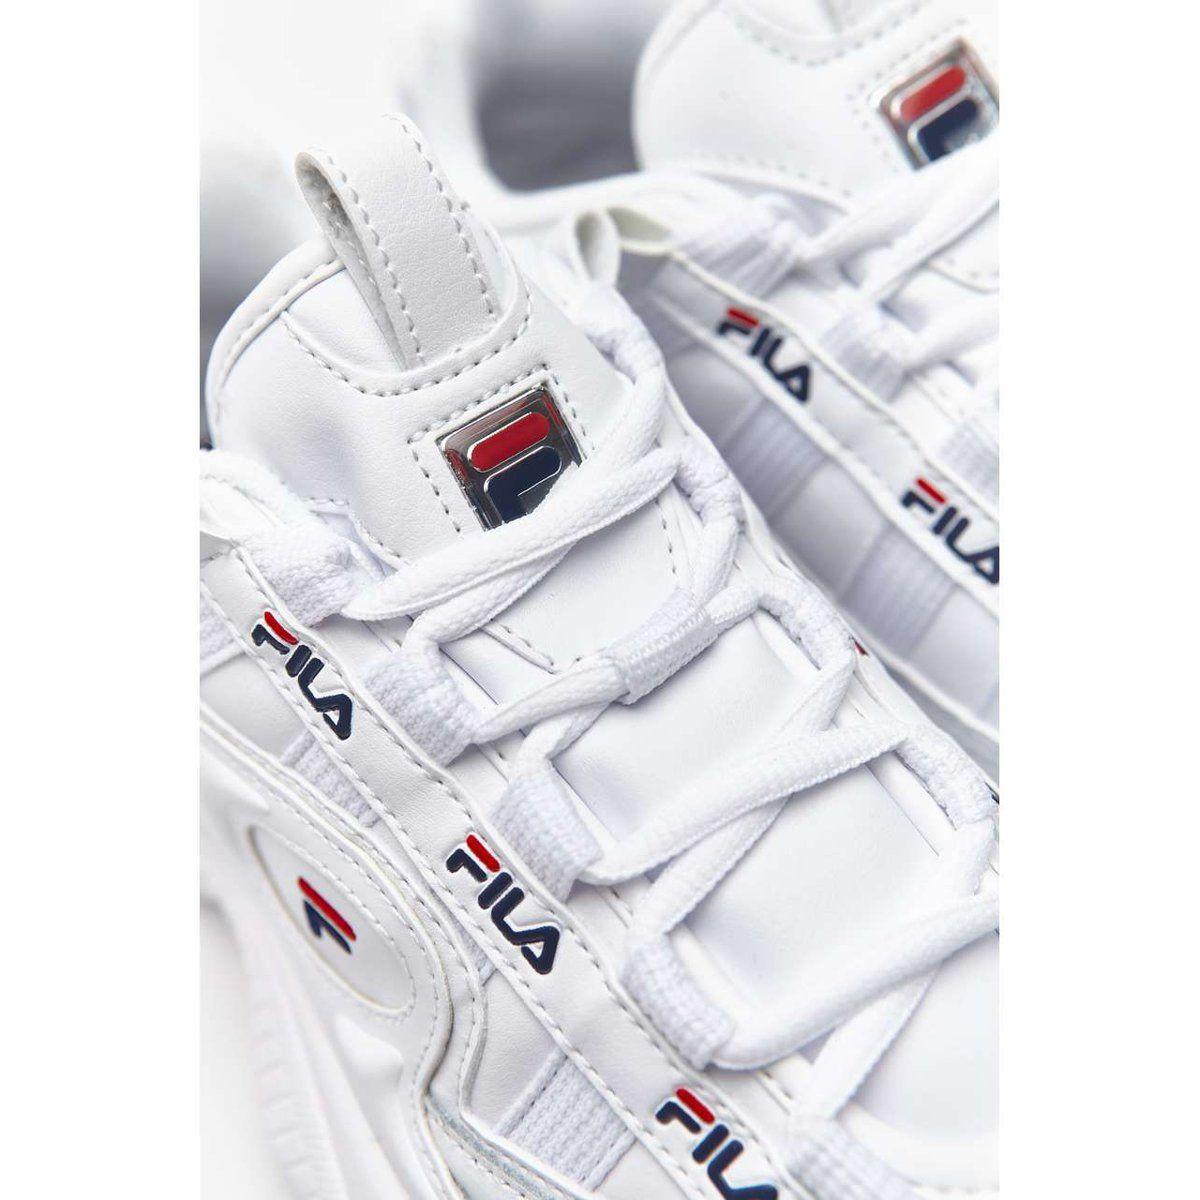 Sportowe Damskie Fila Biale D Formation Wmn 125 White Fila Navy Fila Red White Sneaker Fila Sneakers